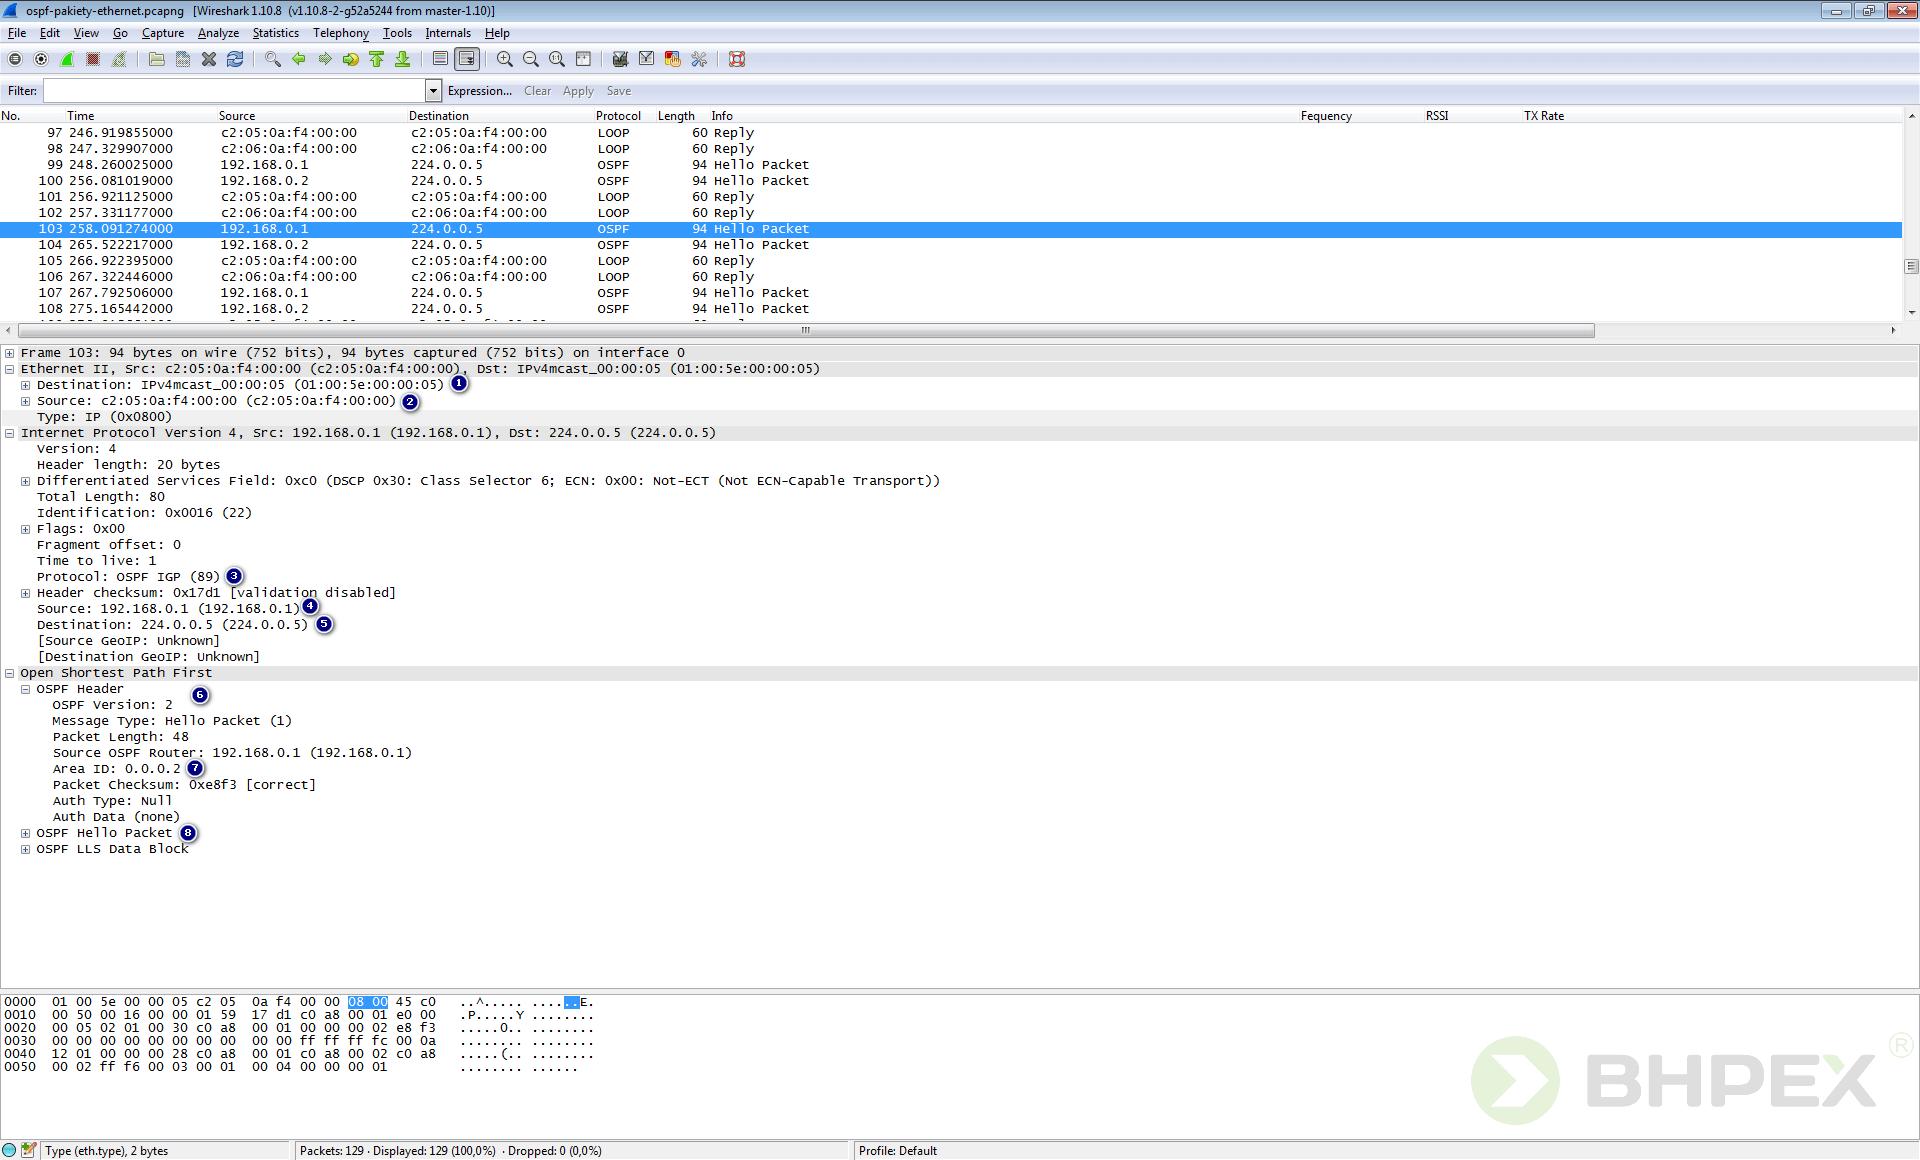 przechwycony pakiet OSPF